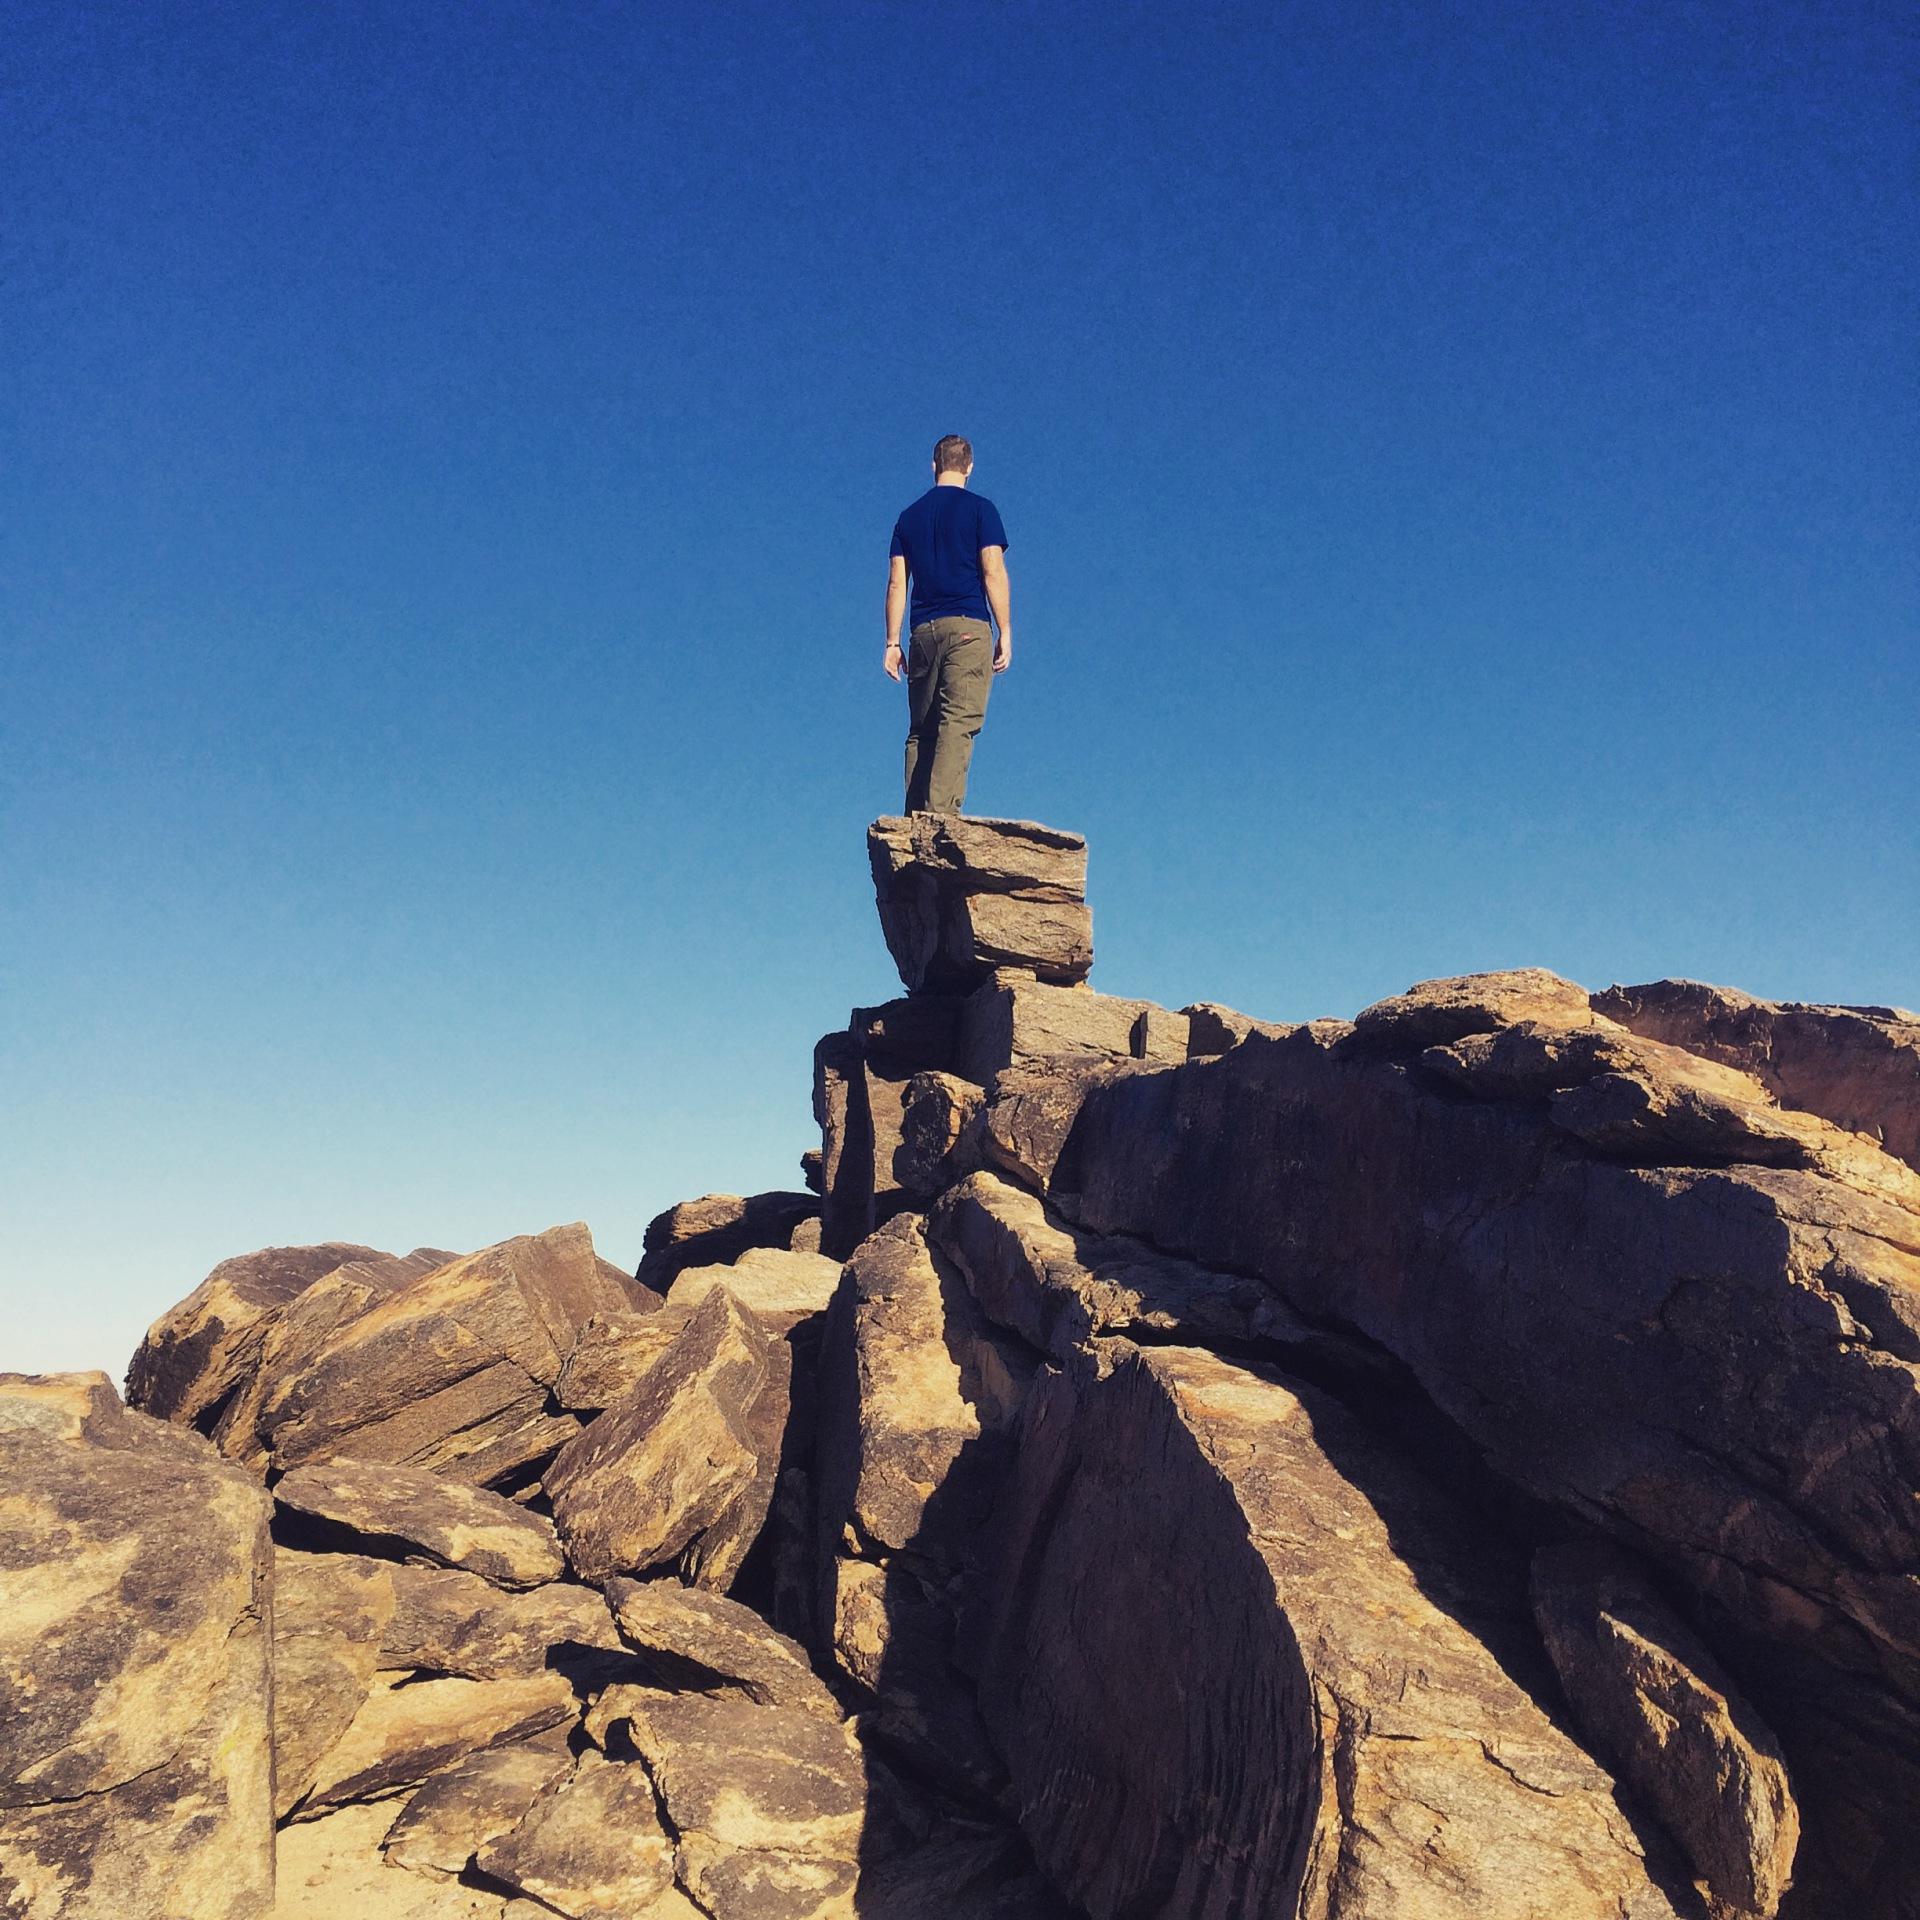 The View, Sonoran Desert, Arizona Backpacking